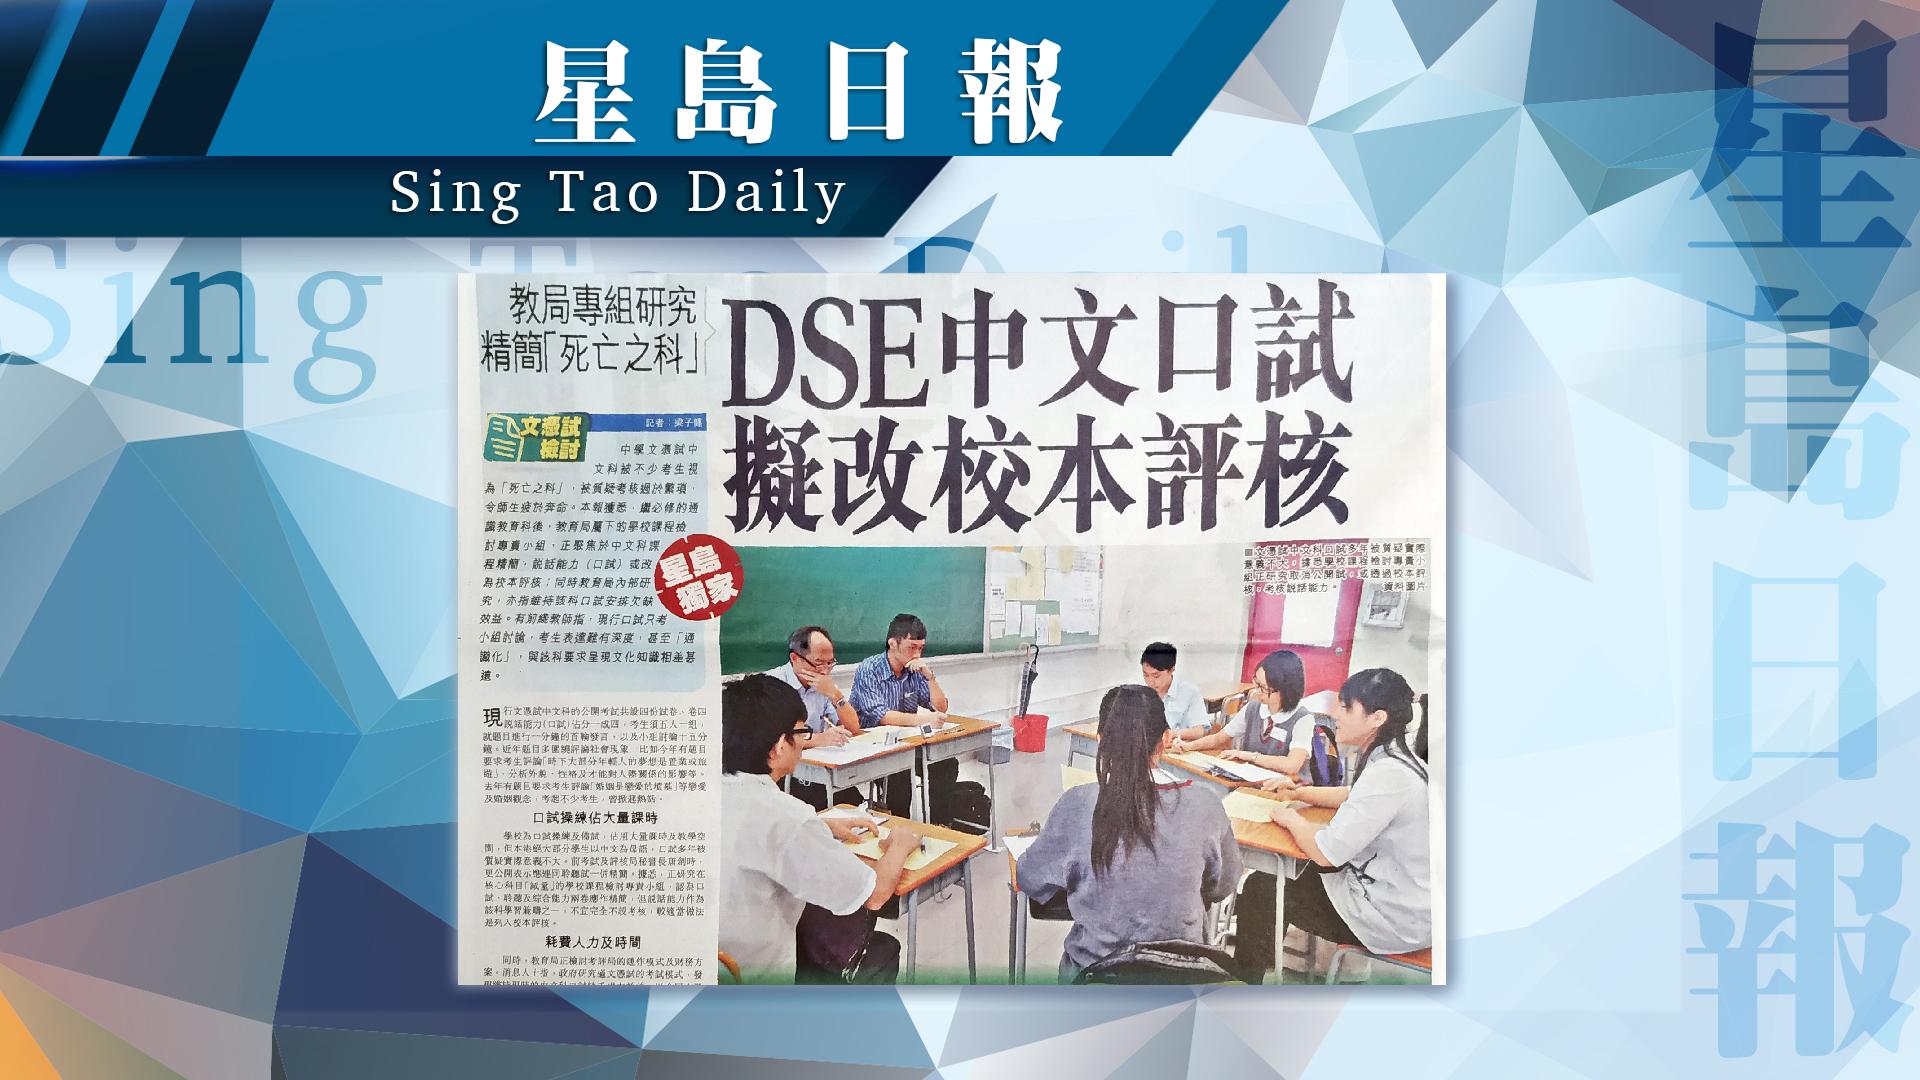 【報章A1速覽】DSE中文口試 擬改校本評核;華加關稅反擊 貿戰震冧美股